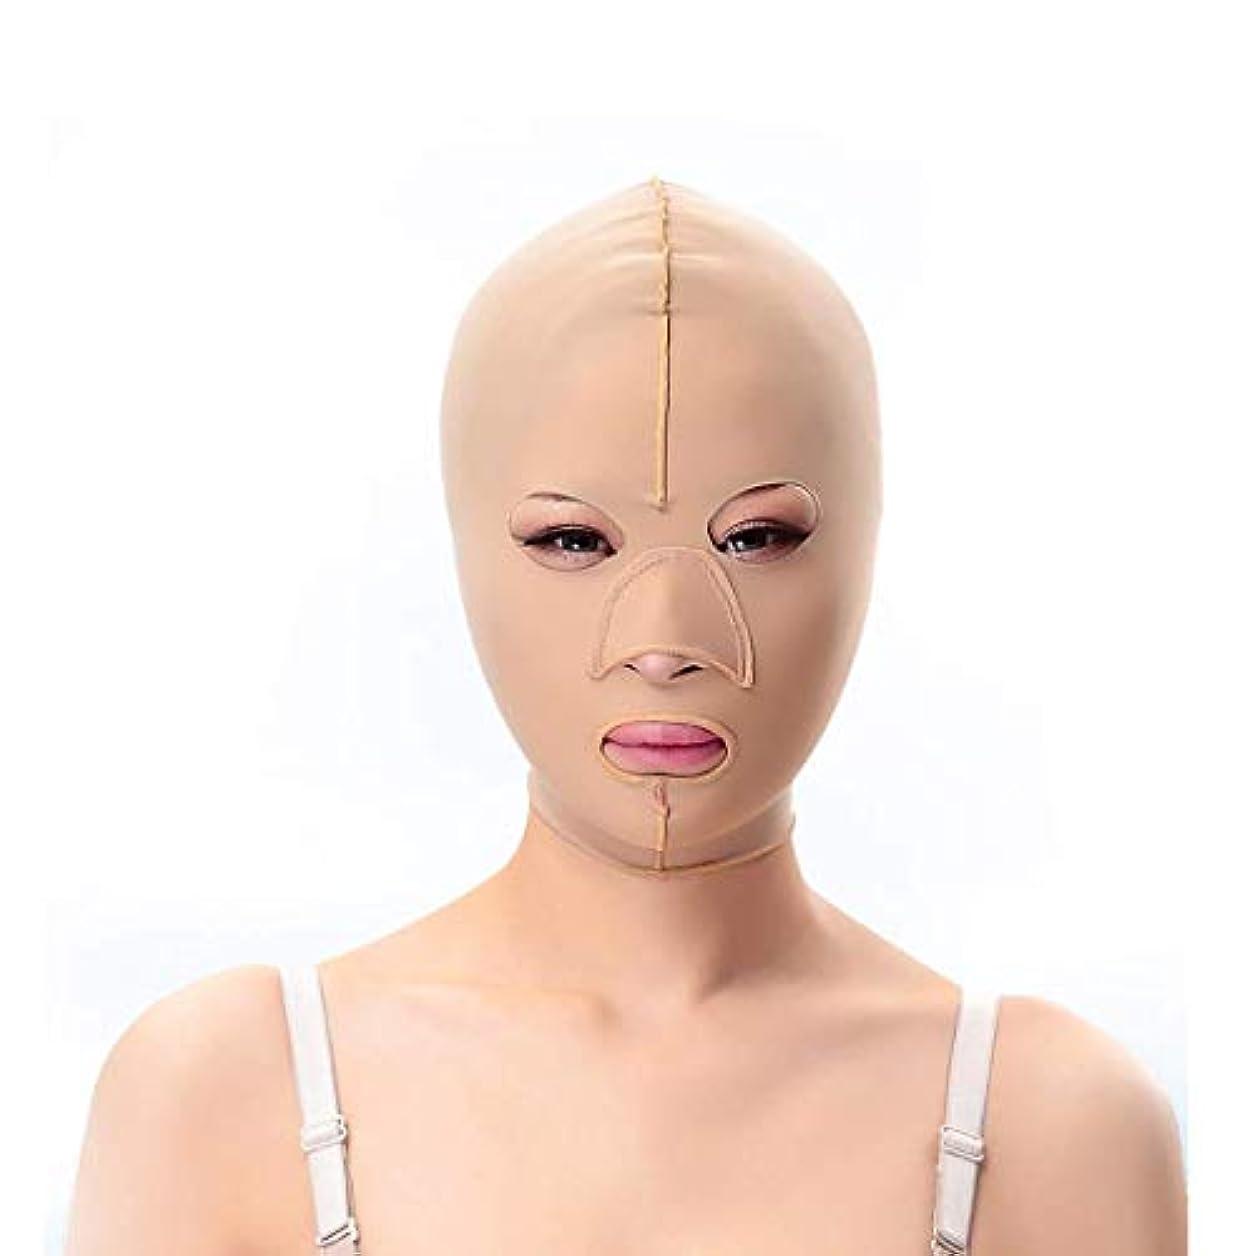 いたずらな王朝からかうスリミングベルト、フェイシャルマスク薄いフェイスマスク布布パターンリフティングダブルあご引き締めフェイシャルプラスチック顔アーティファクト強力な顔包帯(サイズ:S)